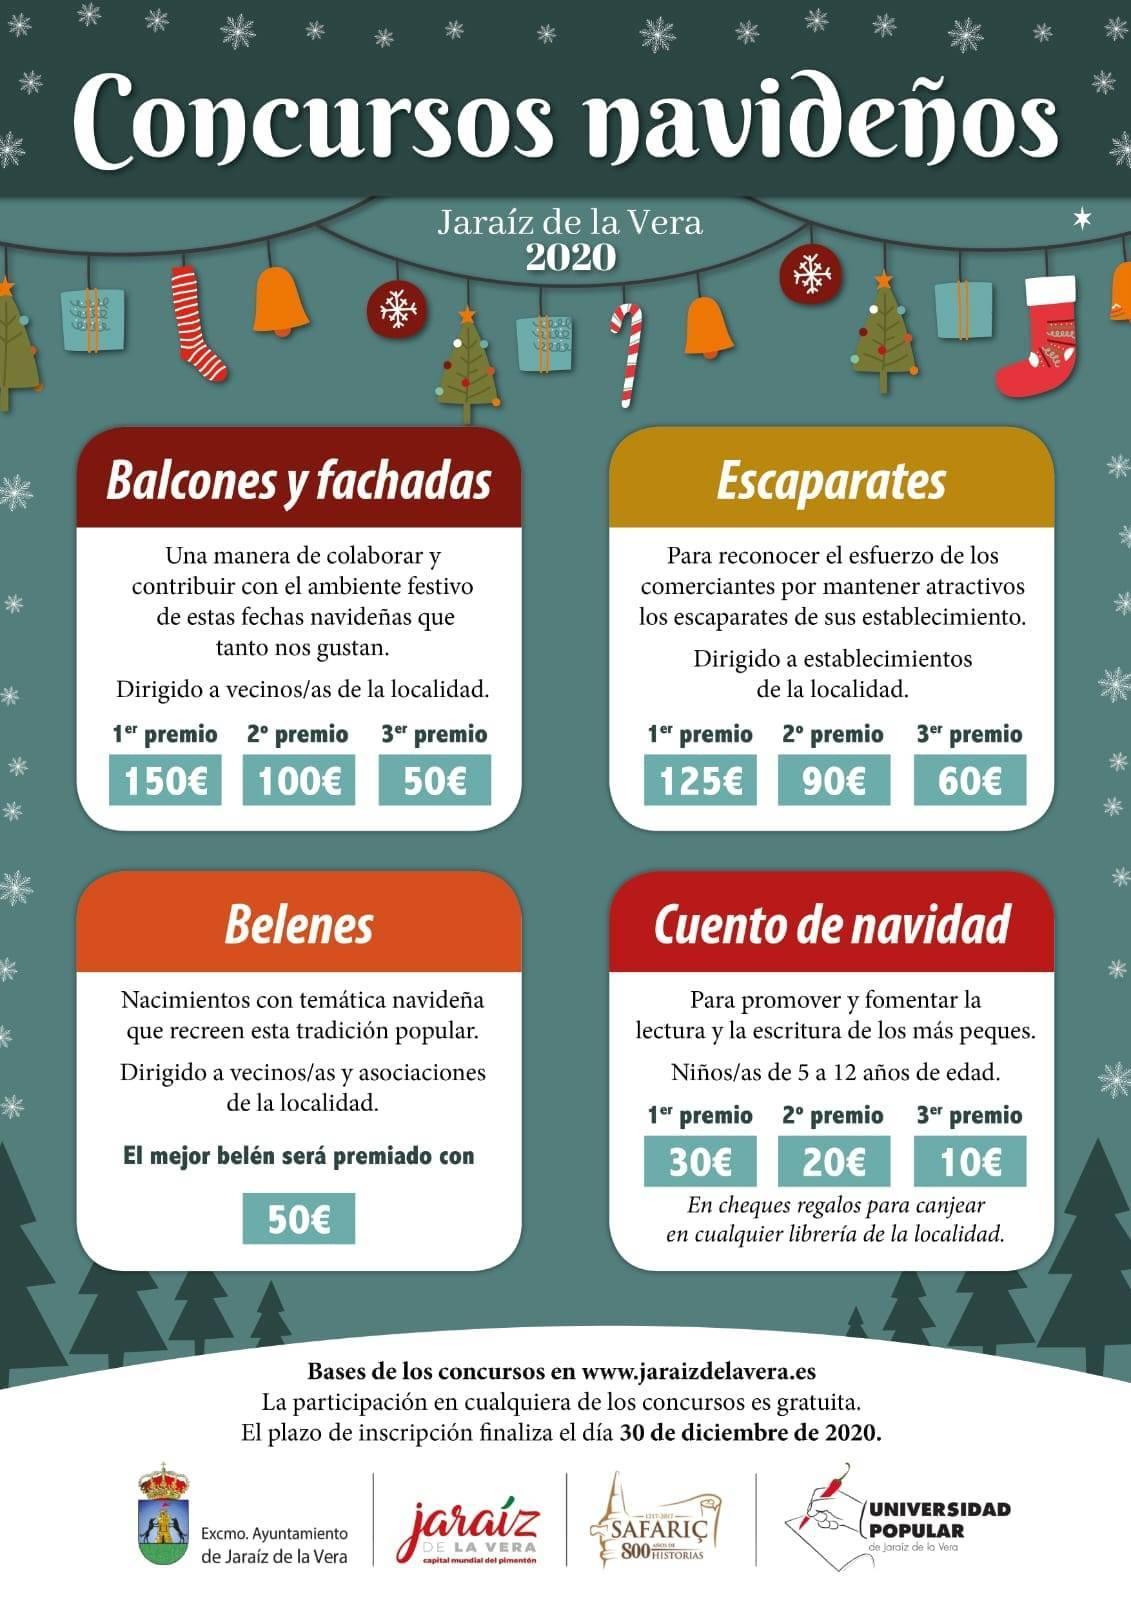 Concursos navideños (2020) - Jaraíz de la Vera (Cáceres)